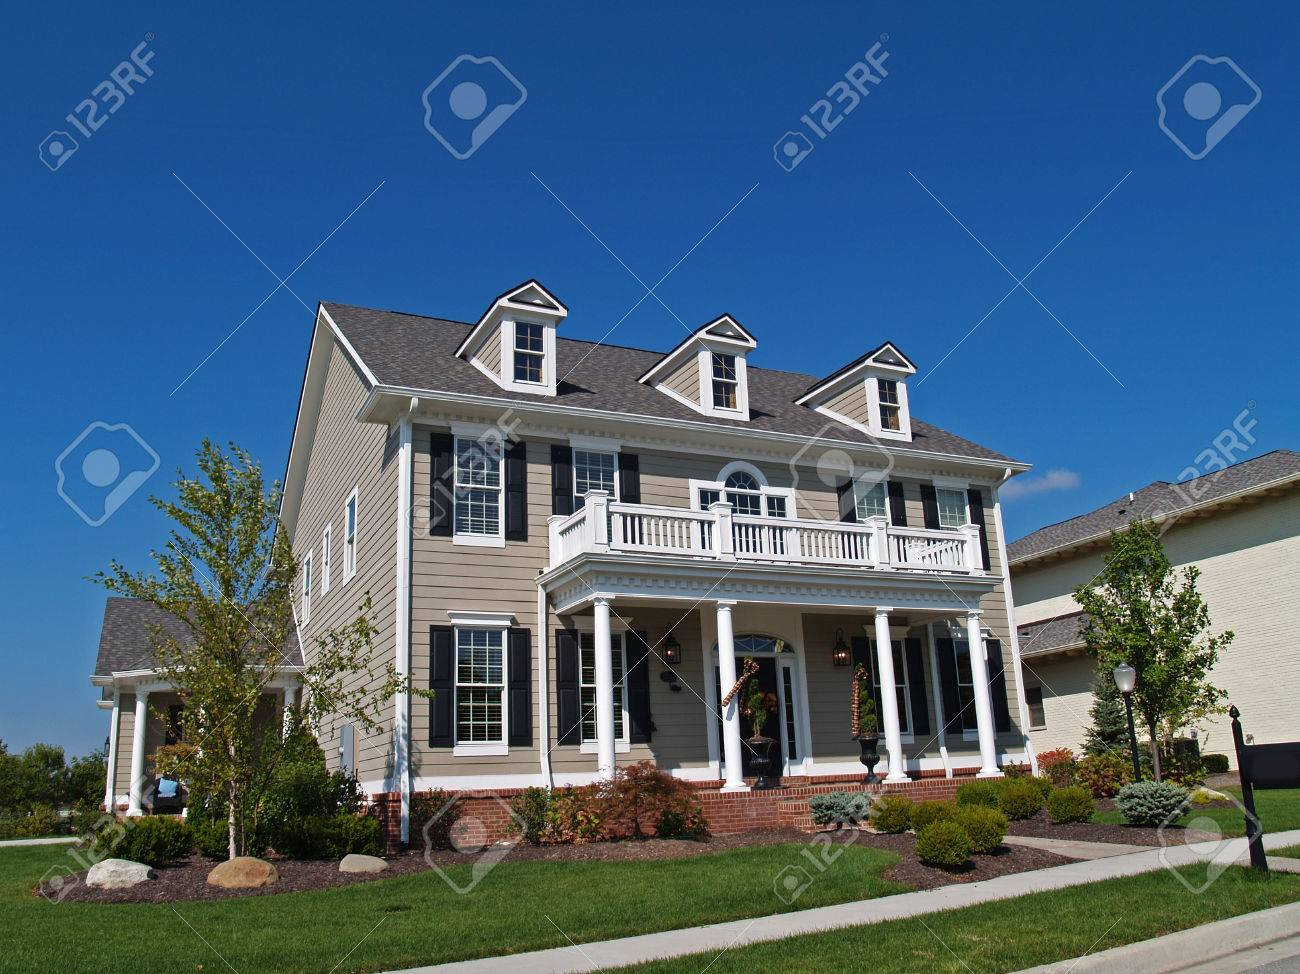 Foto de archivo - Nueva de dos pisos casa grande moreno diseña para parecer  una casa histórica.